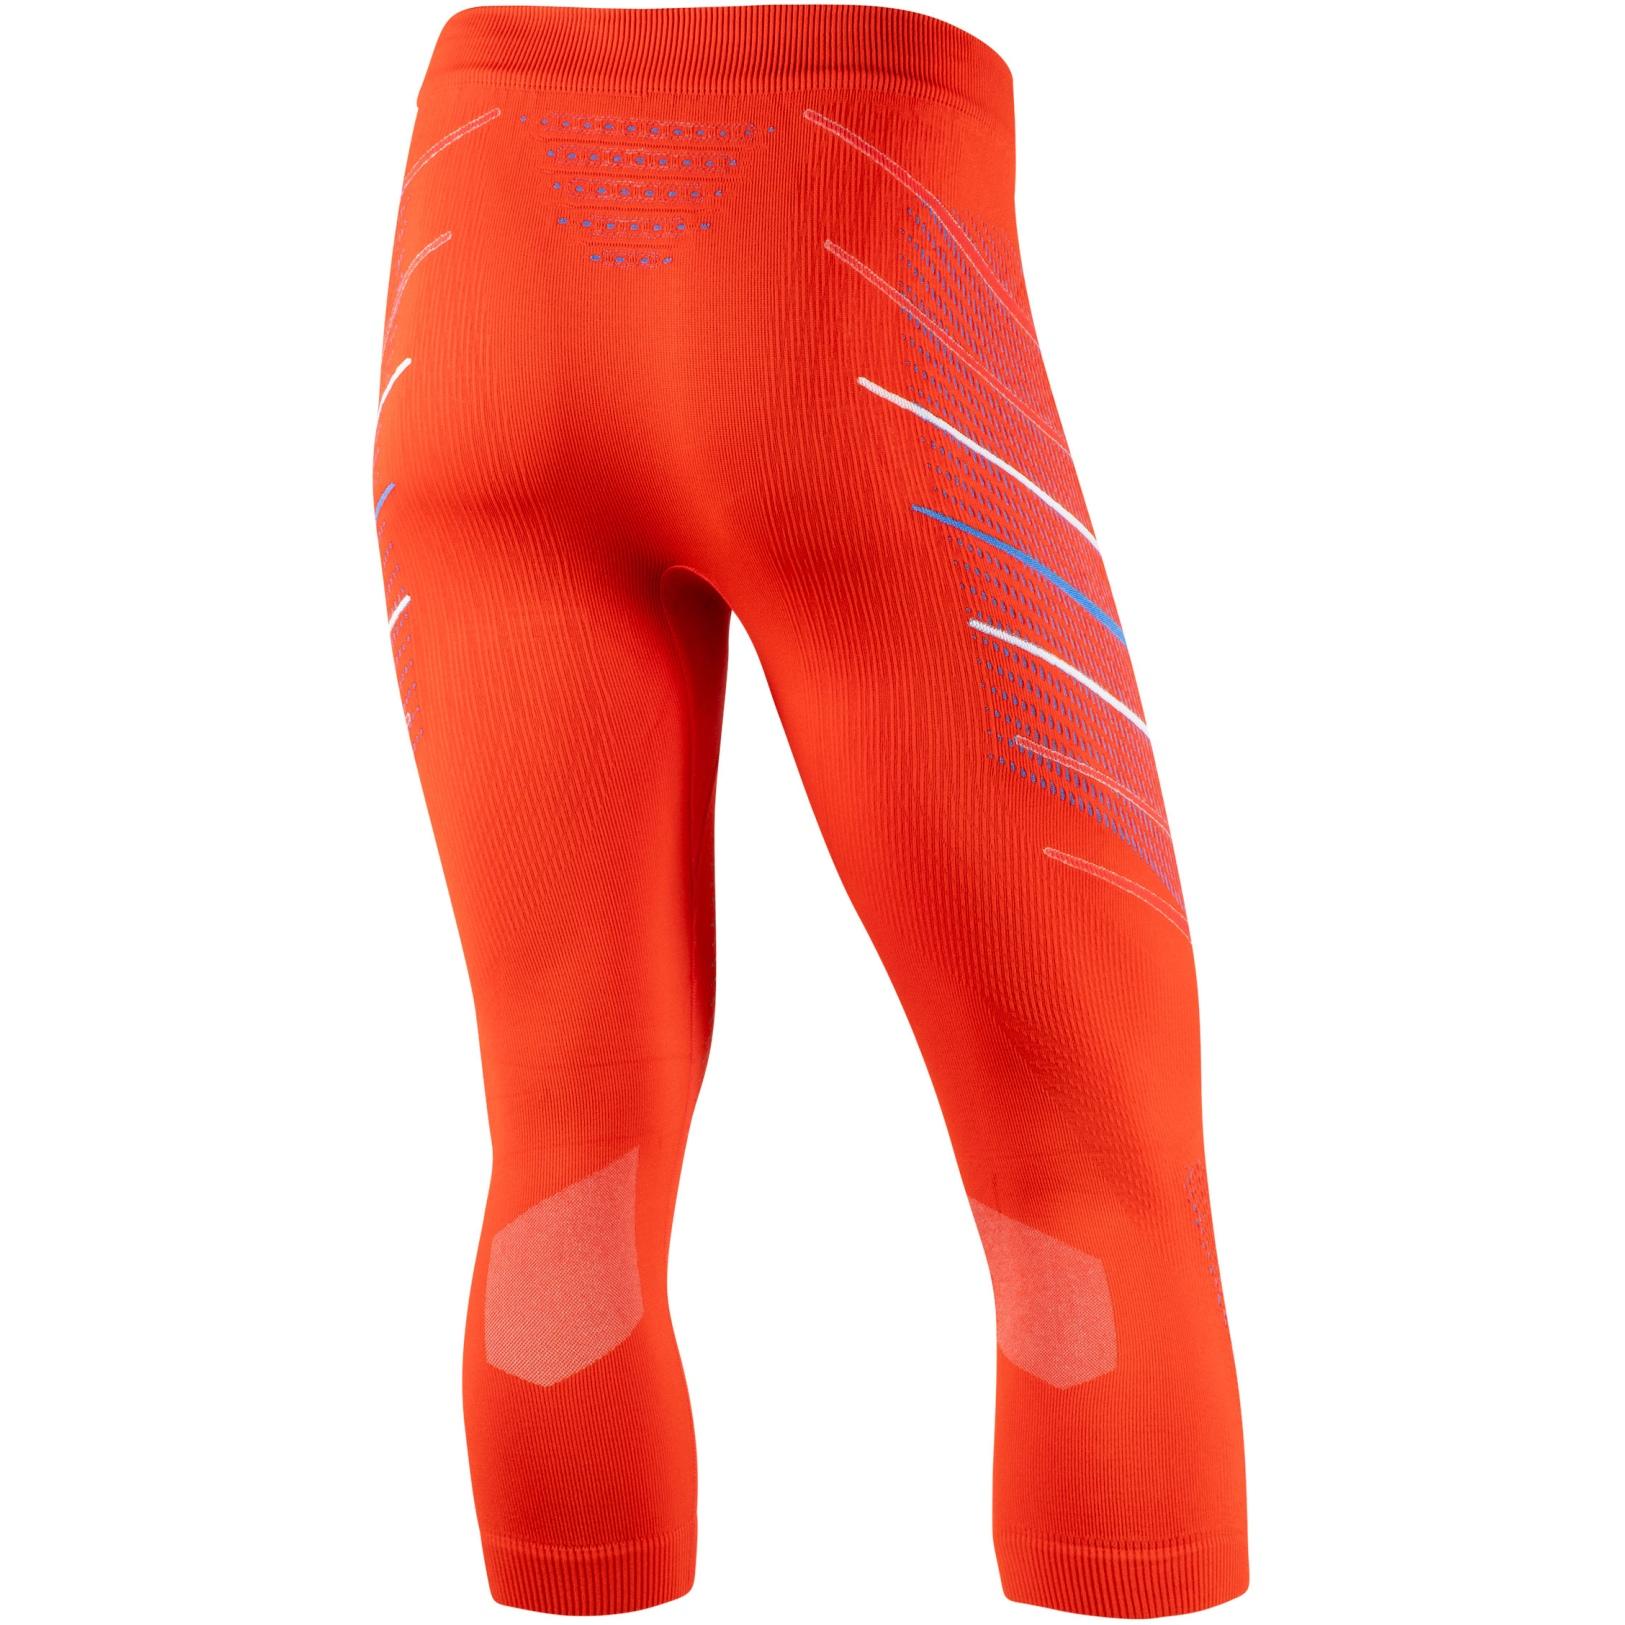 Image of UYN Natyon 2.0 Norway Underwear Pants Medium - Norway